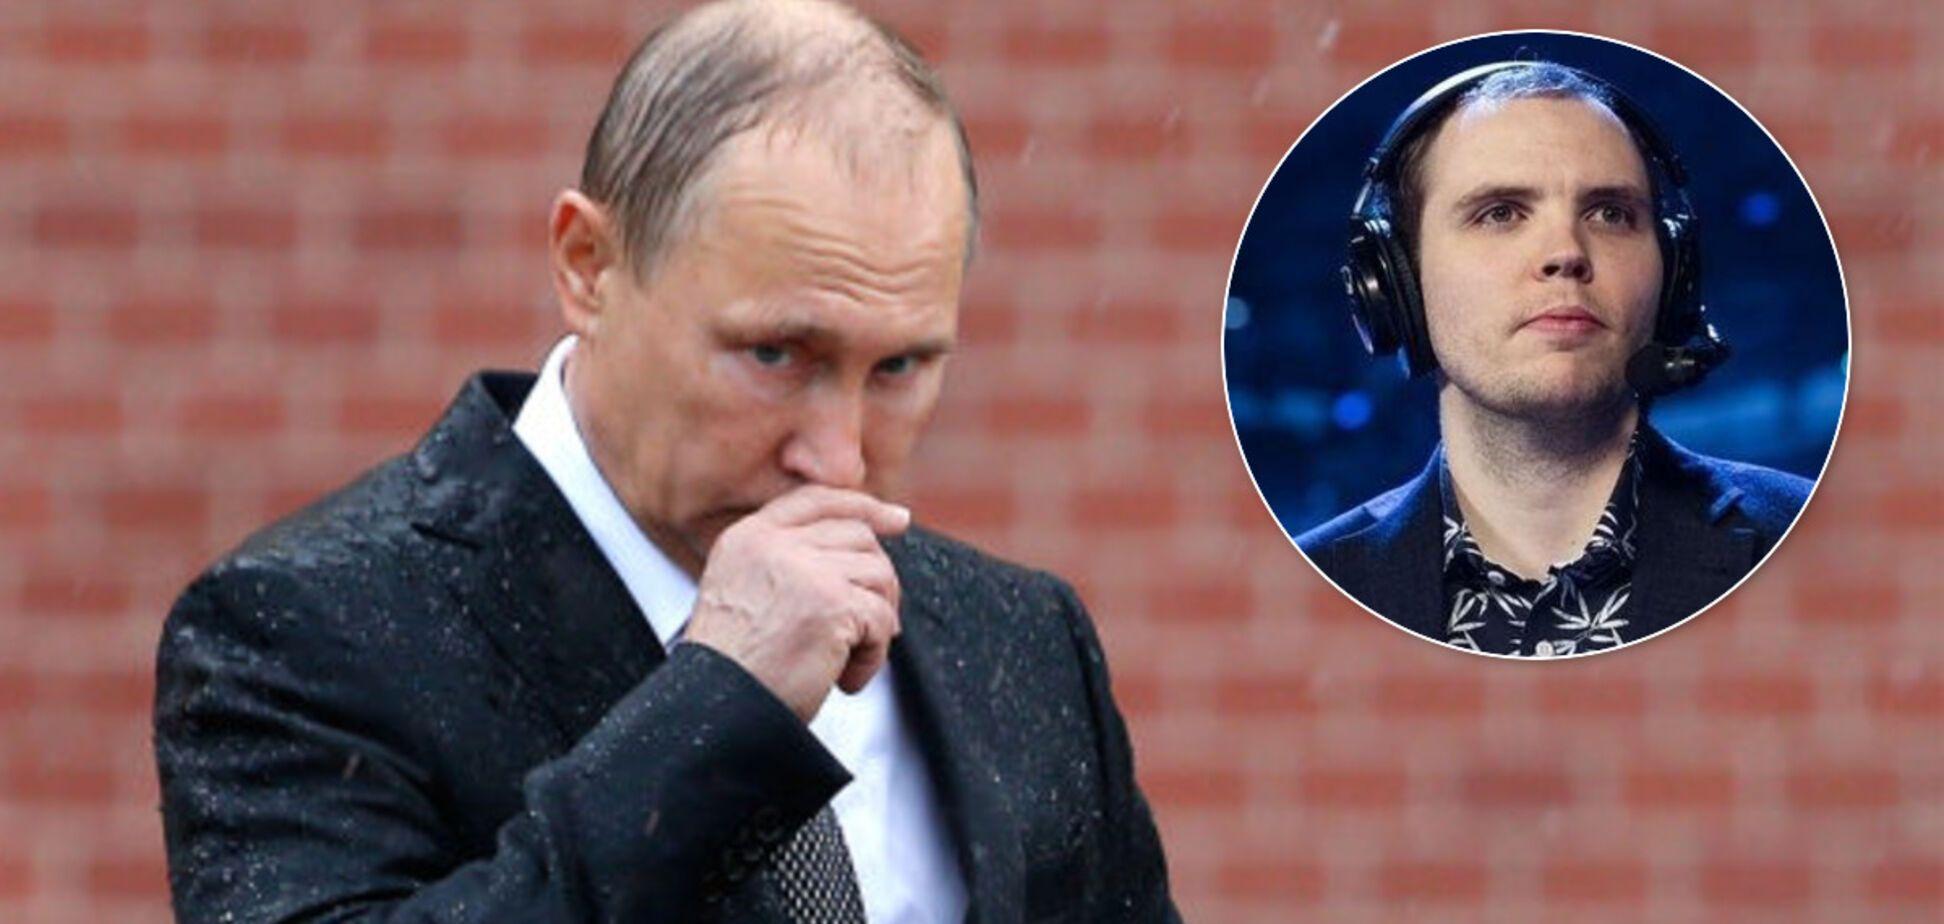 'Это позор': Хенрик AdmiralBulldog Анберг назвал Путина жуликом